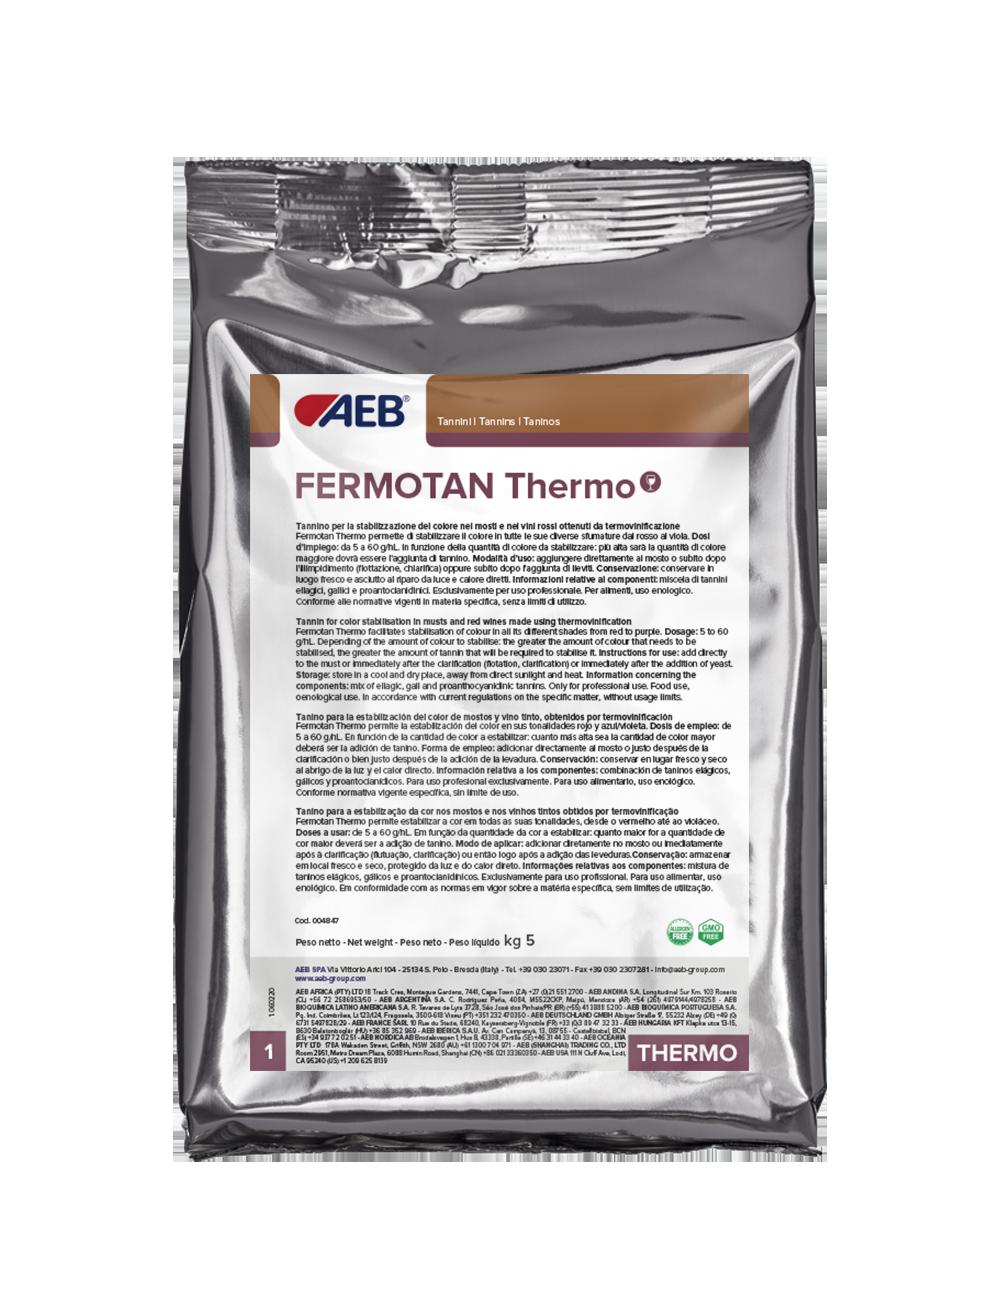 FERMOTAN Thermo